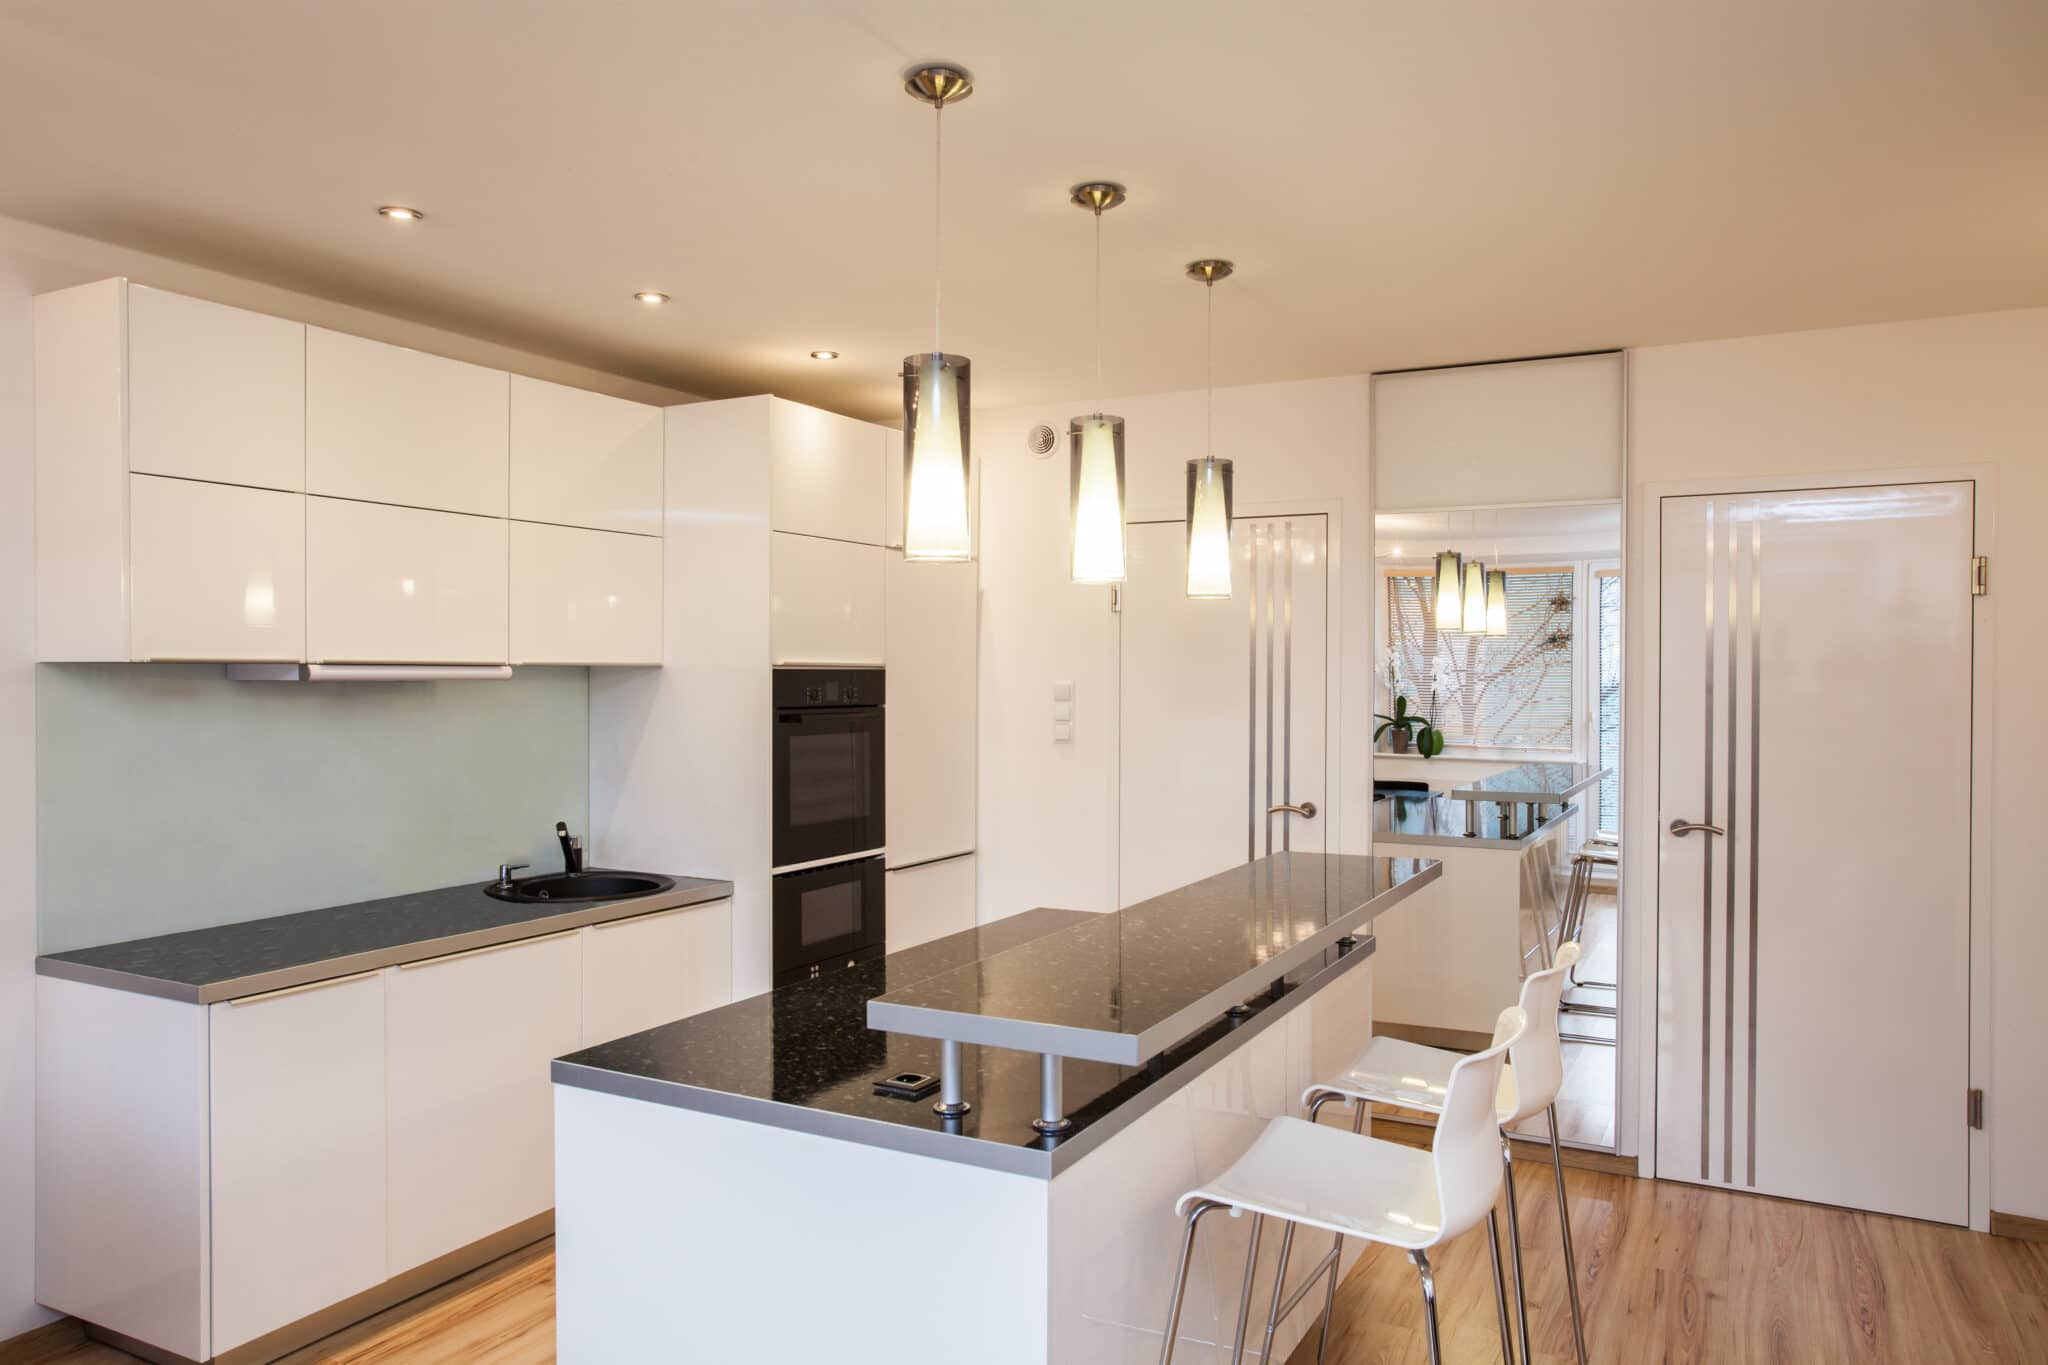 מטבחים מעץ תאורה למטבחים מבינים עם הרבה וותק שיודעים לספק פתרונות יעילים להתאמת תנורים גדולים לכל מטבח בד בבד אפיון דרישות הלקוח ומסירת המטבח